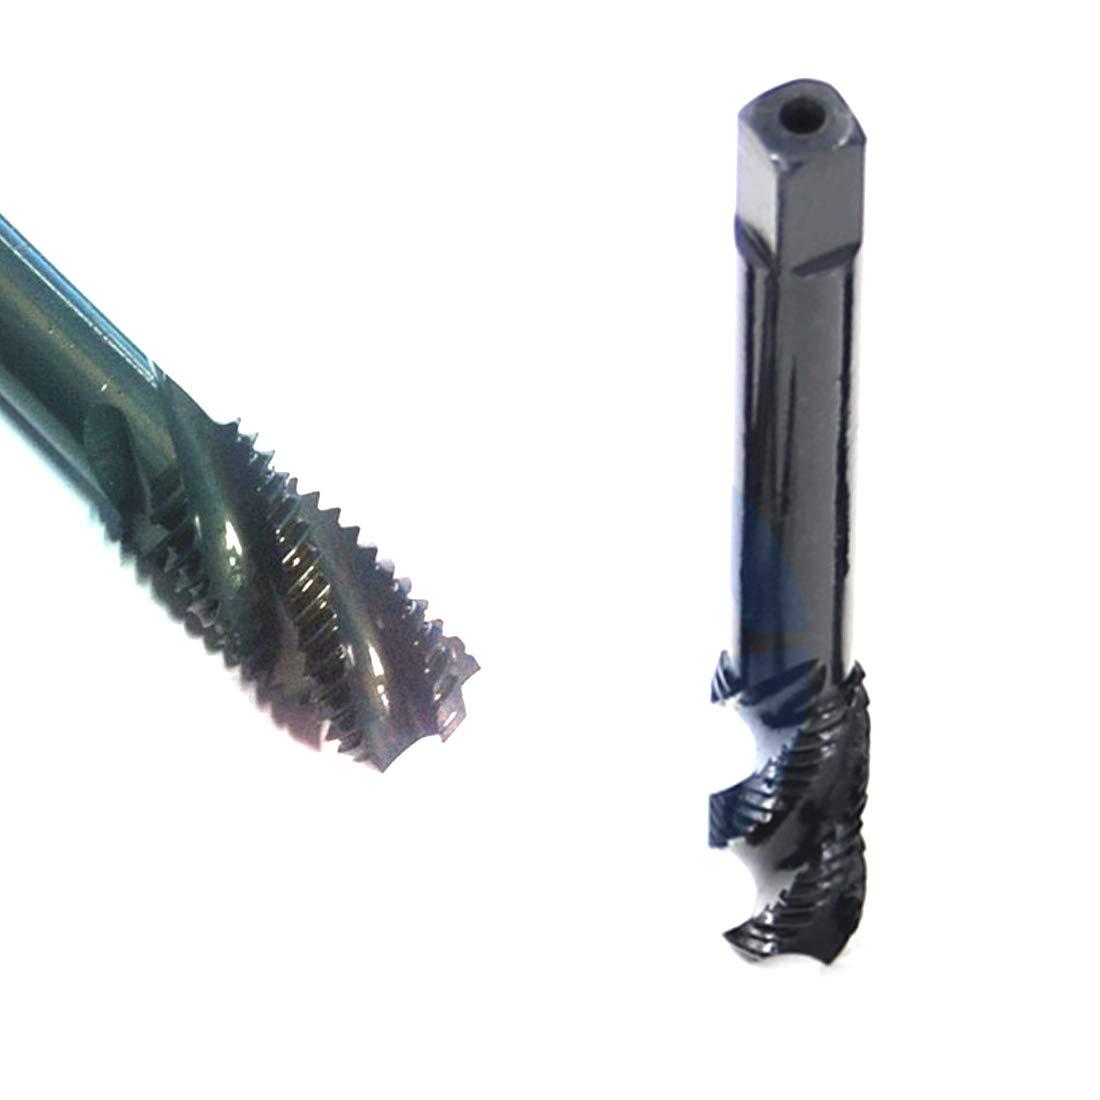 Godagoda Gewindebohrer Maschinengewindebohrer Drill Bits Satz HSS 1 stk M3 M4 M5 M6 M8 M10 M12